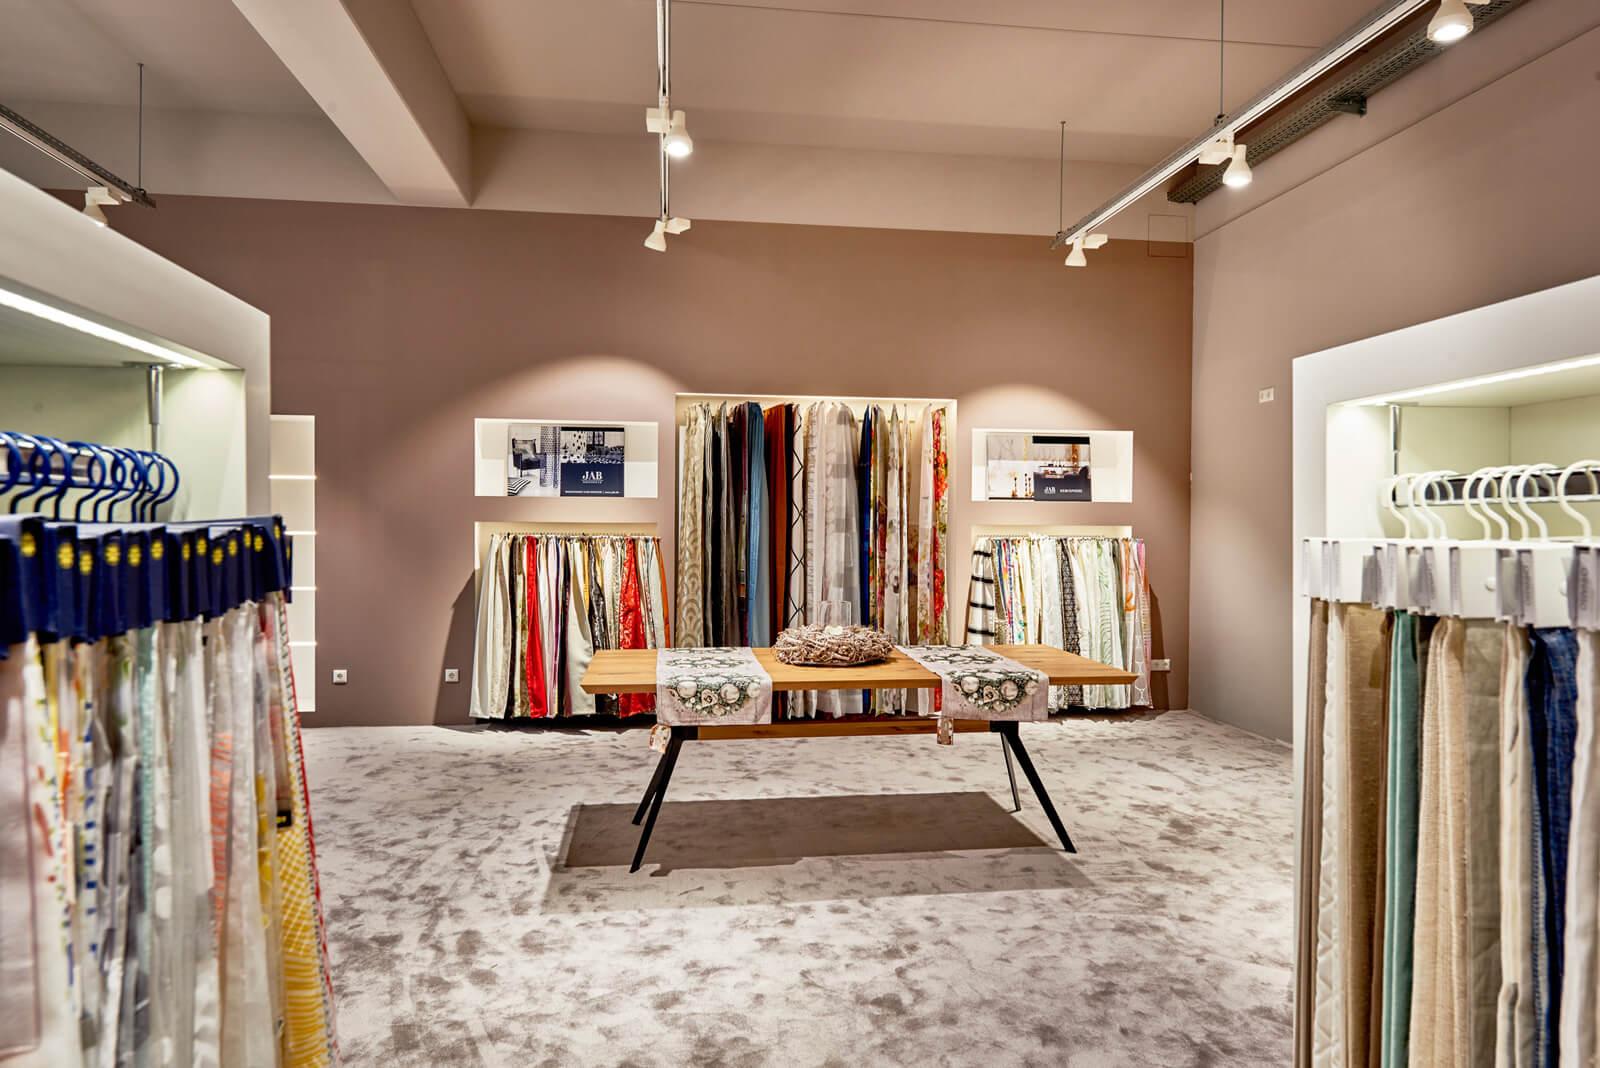 Vorhänge und Möbelstoffe - Keyser - Das Haus für Ihr Zuhause